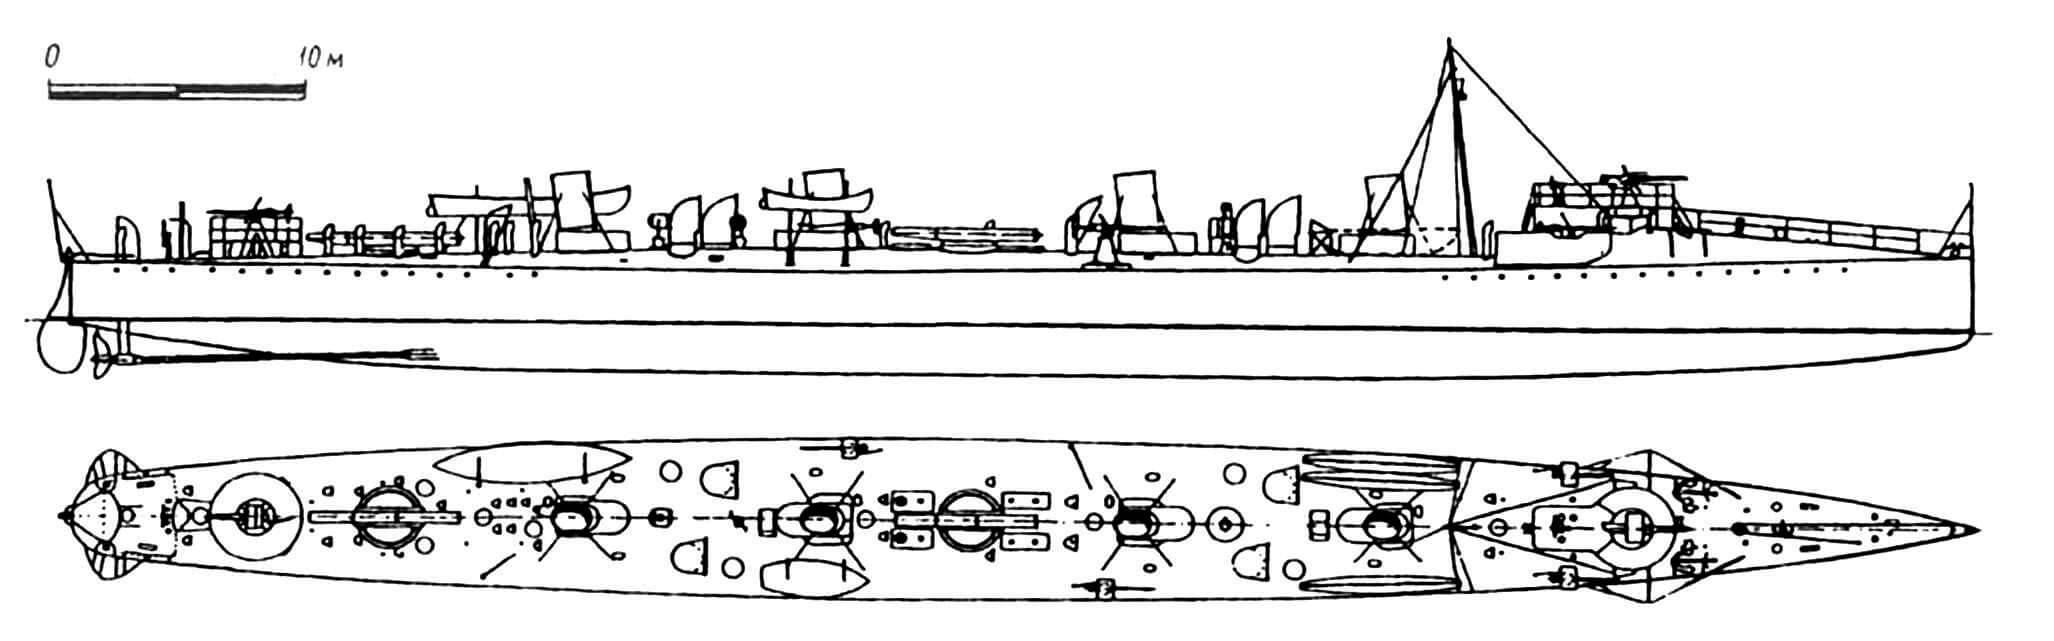 118. Эскадренный миноносец «33-узловой» серии «Экспресс», Англия, 1902 г. Строился фирмой «Лэйрд». Водоизмещение нормальное 465 т, полное 540 т. Длина наибольшая 72,92 м, ширина 7,16 м, осадка 3,12 м. Мощность двухвальной паросиловой установки 9250 л.с., скорость на испытаниях 31,2 узла. Вооружение: два палубных торпедных аппарата, одна 76-мм и пять 57-мм пушек. Построена одна единица. Эсминец получил серьезные повреждения в ходе испытаний в 1898 г., что на четыре года отсрочило его вступление в строй. Для достижения проектной скорости многократно заменялись гребные винты. Сдан на слом в 1921 г.